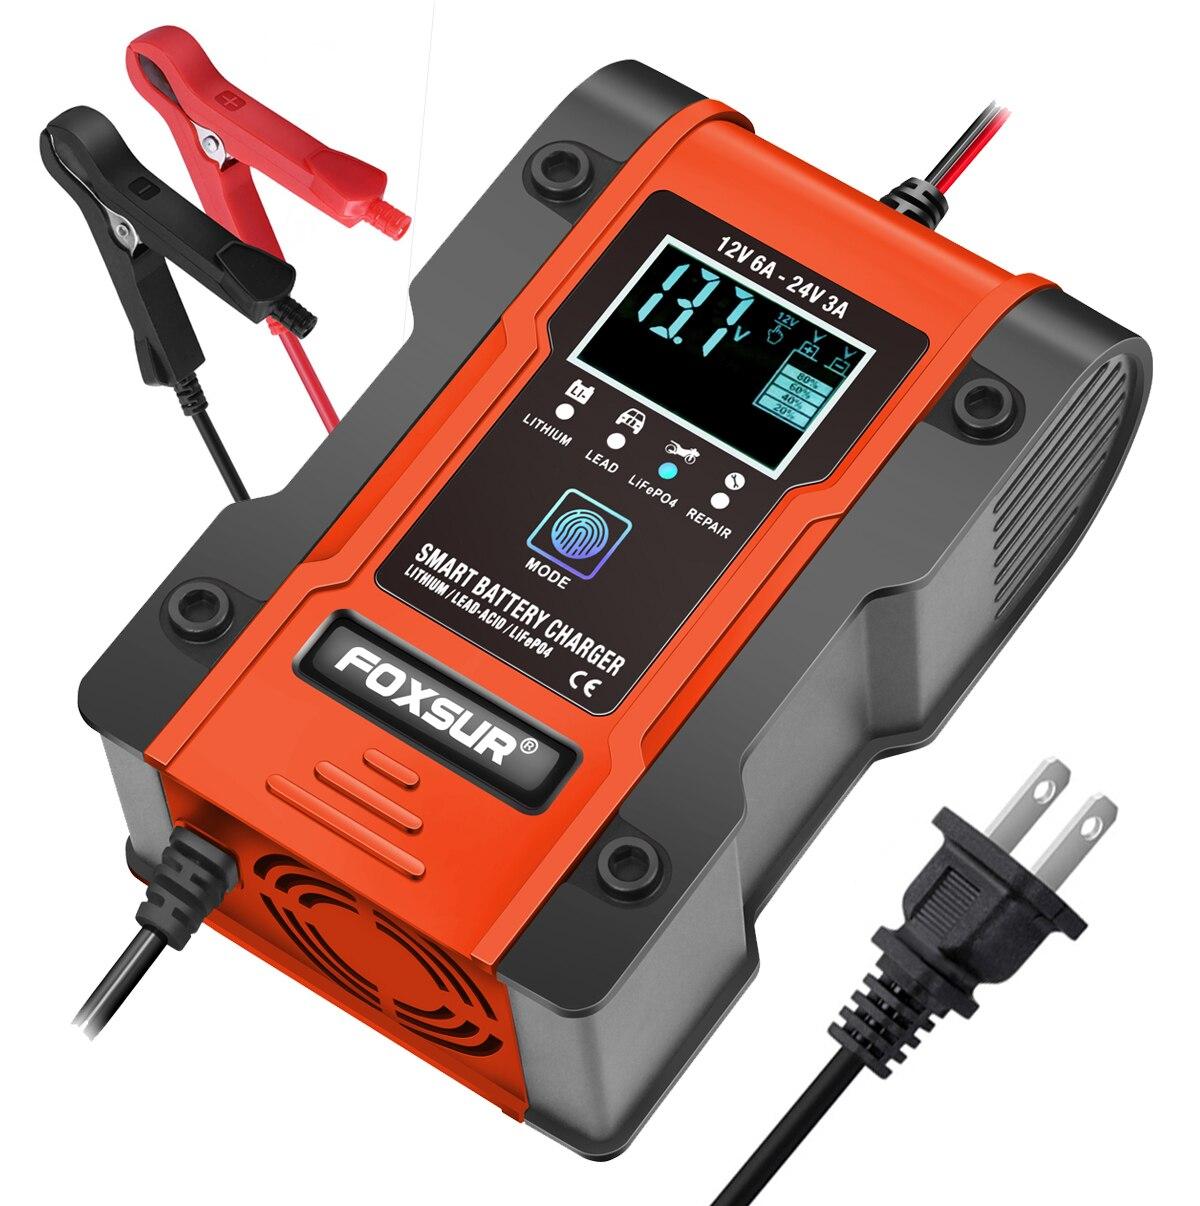 Полностью автоматическое умное зарядное устройство FOXSUR 6A, зарядное устройство 12 В 24 В, устройство для поддержания аккумулятора, десульфато...